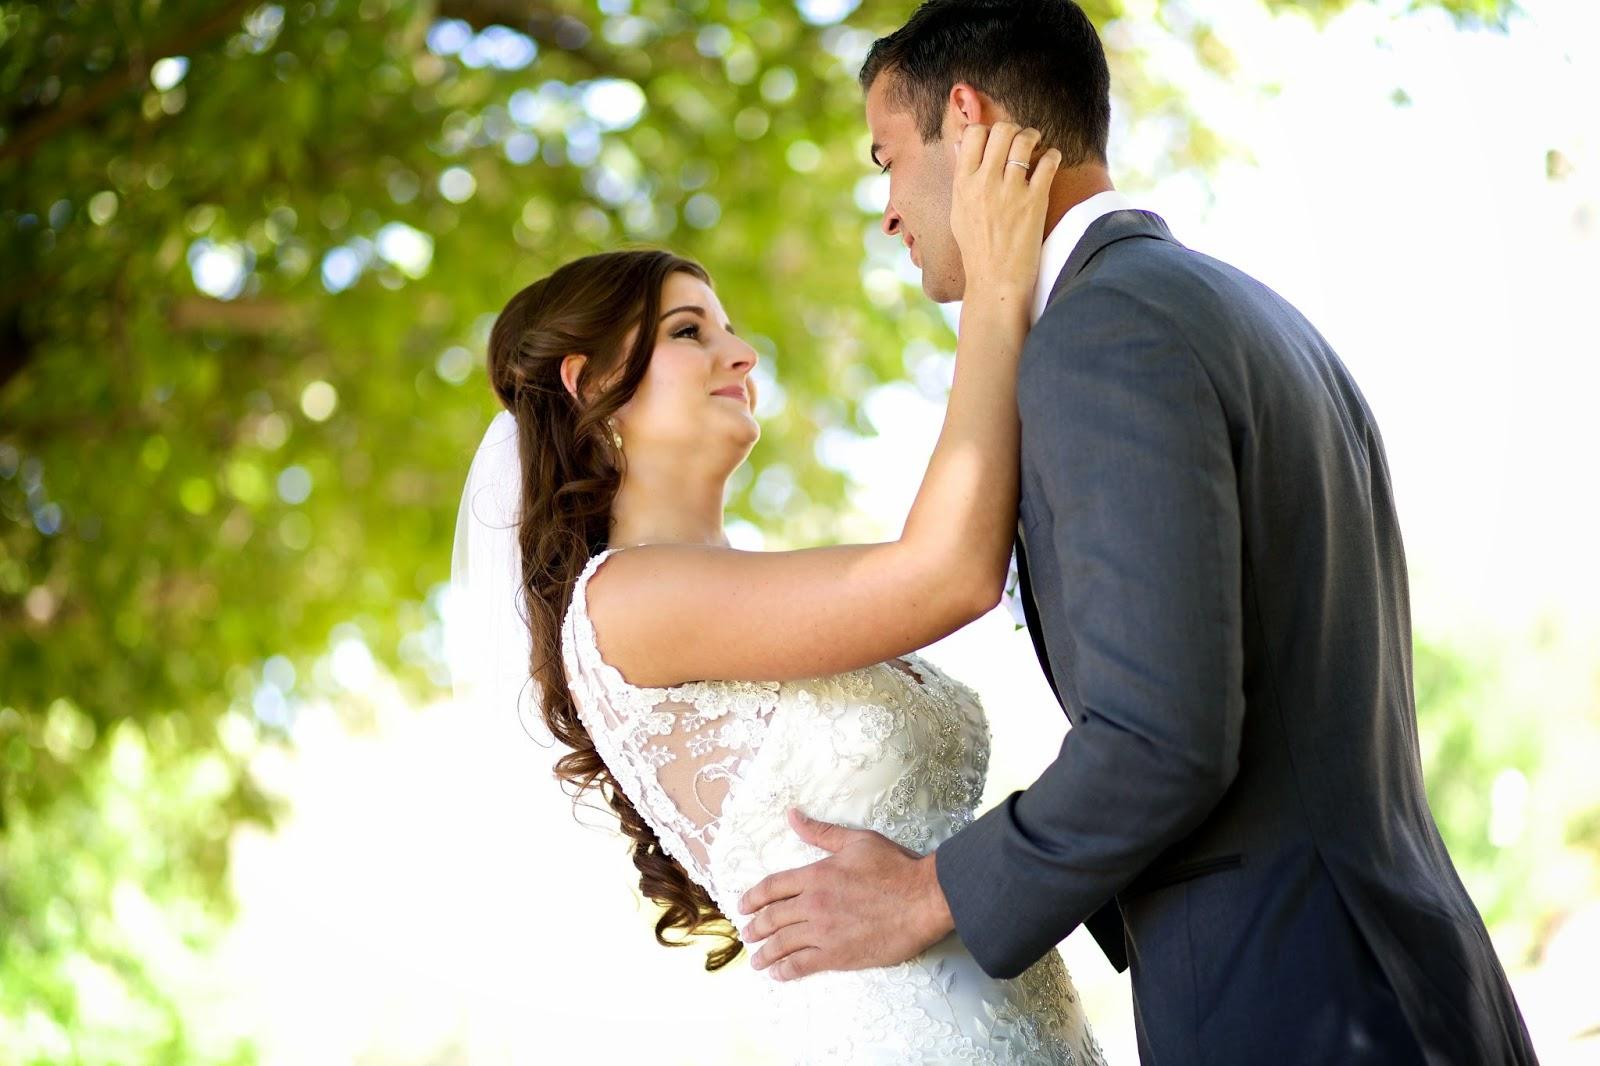 crying groom wedding photo